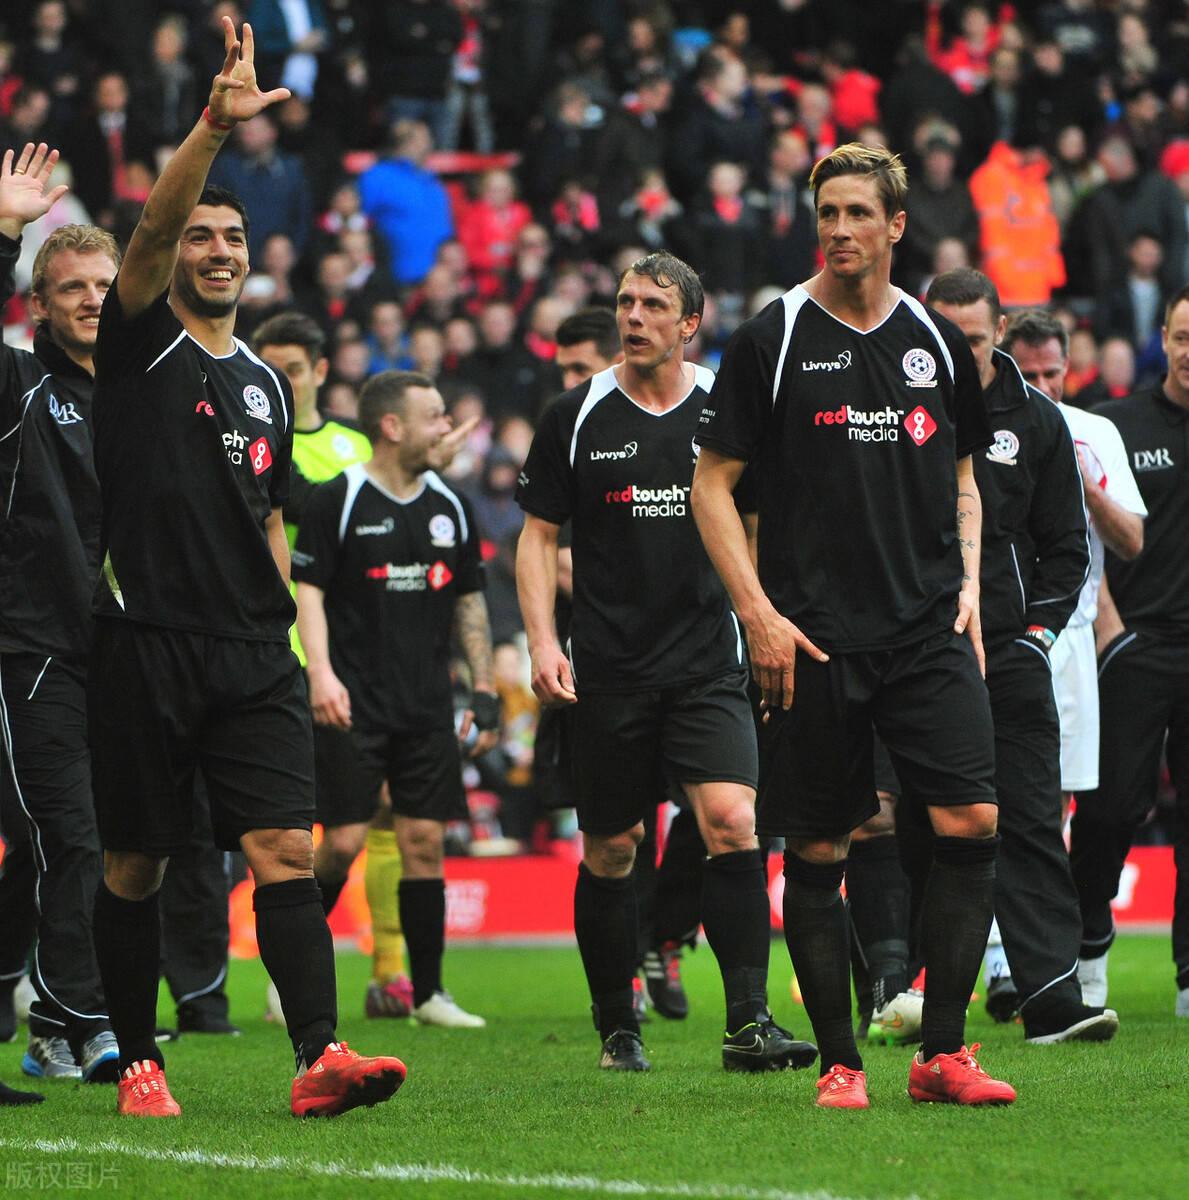 原创             利物浦旧将曝出球队内讧往事,杰拉德被刺头激怒,直接当众爆粗口